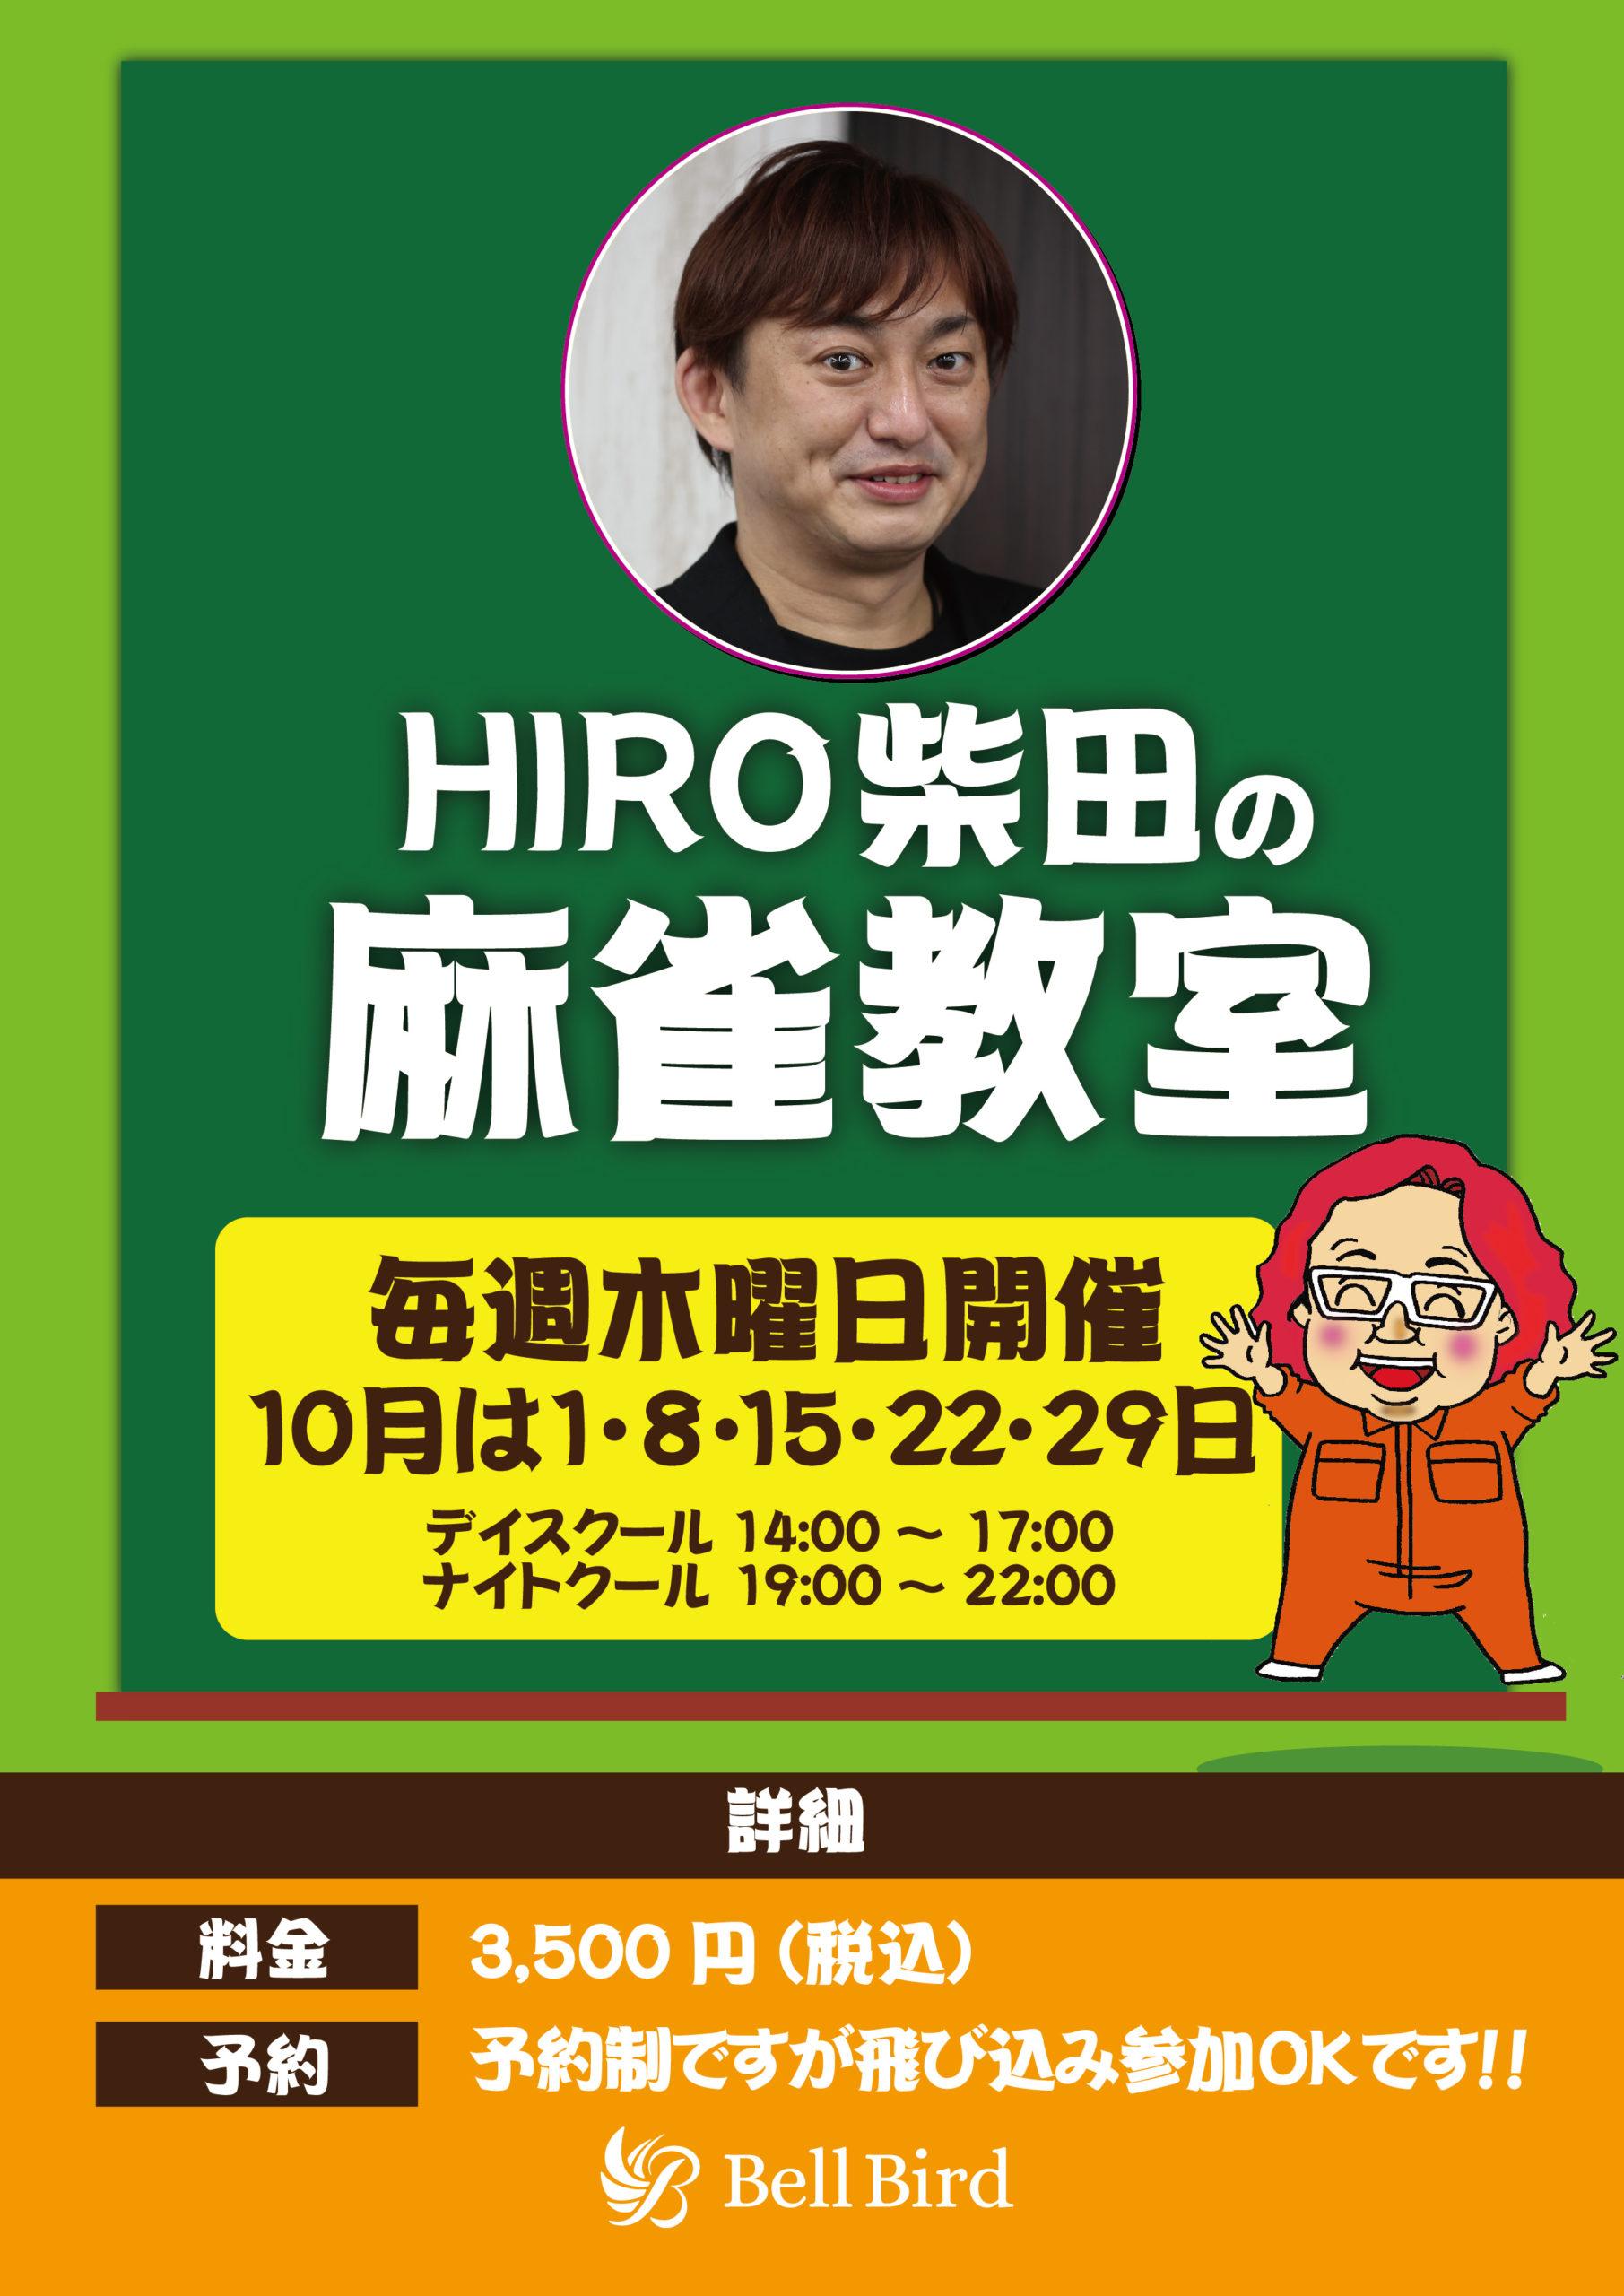 HIRO柴田202010_アートボード 1